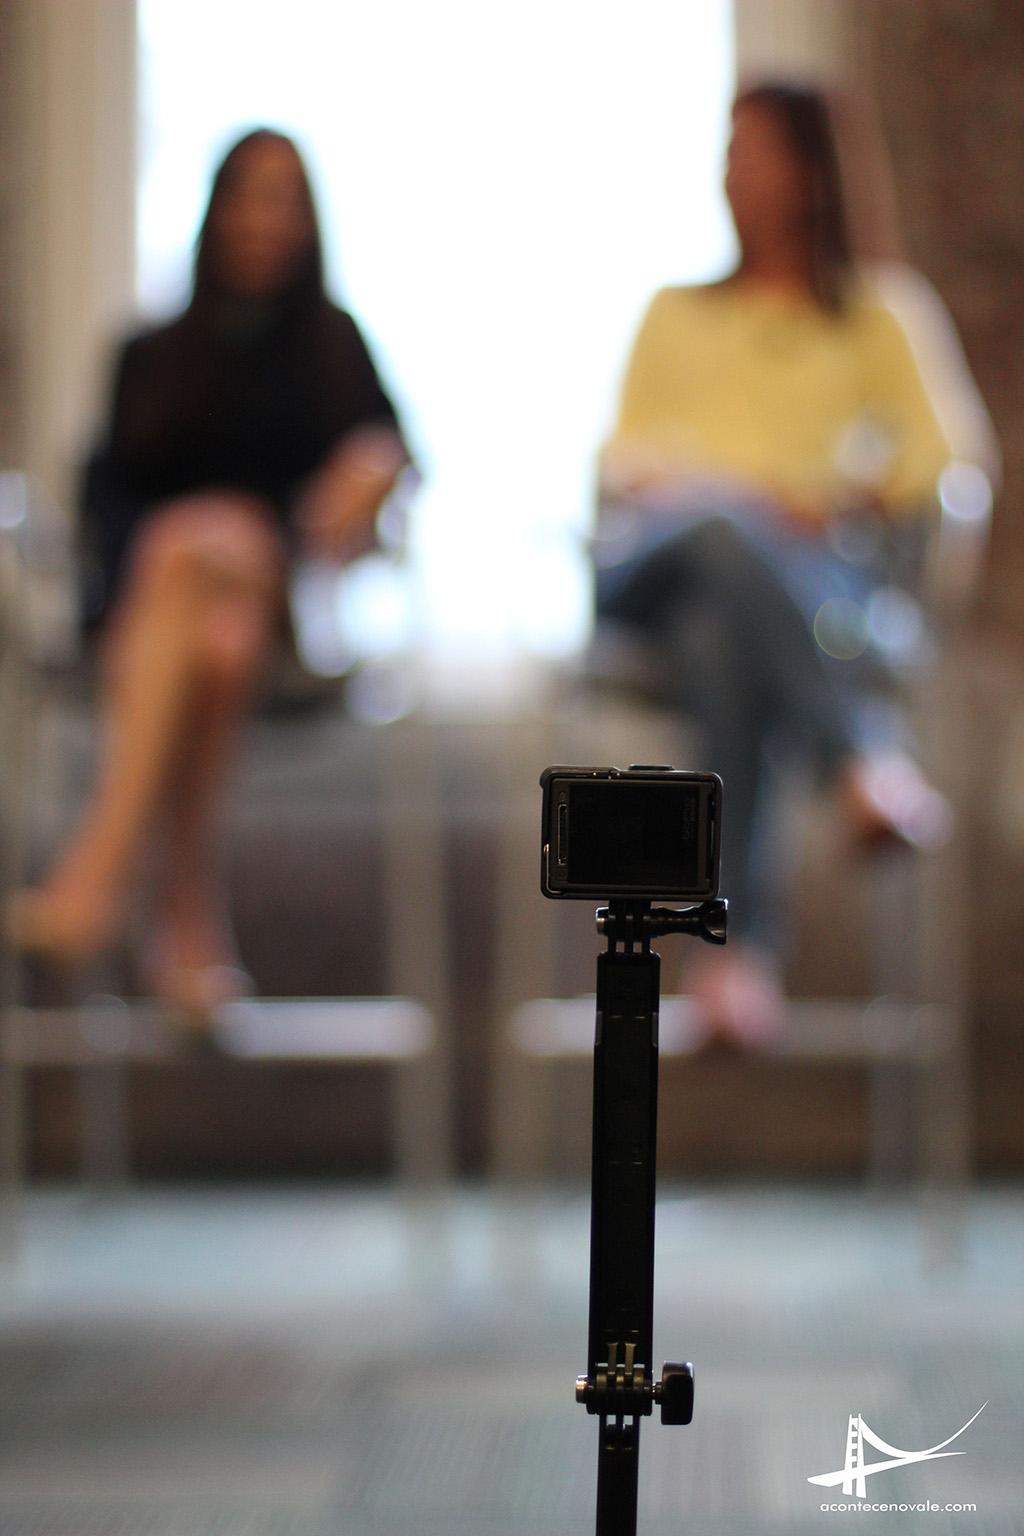 GoPro registrando o evento na GoPro